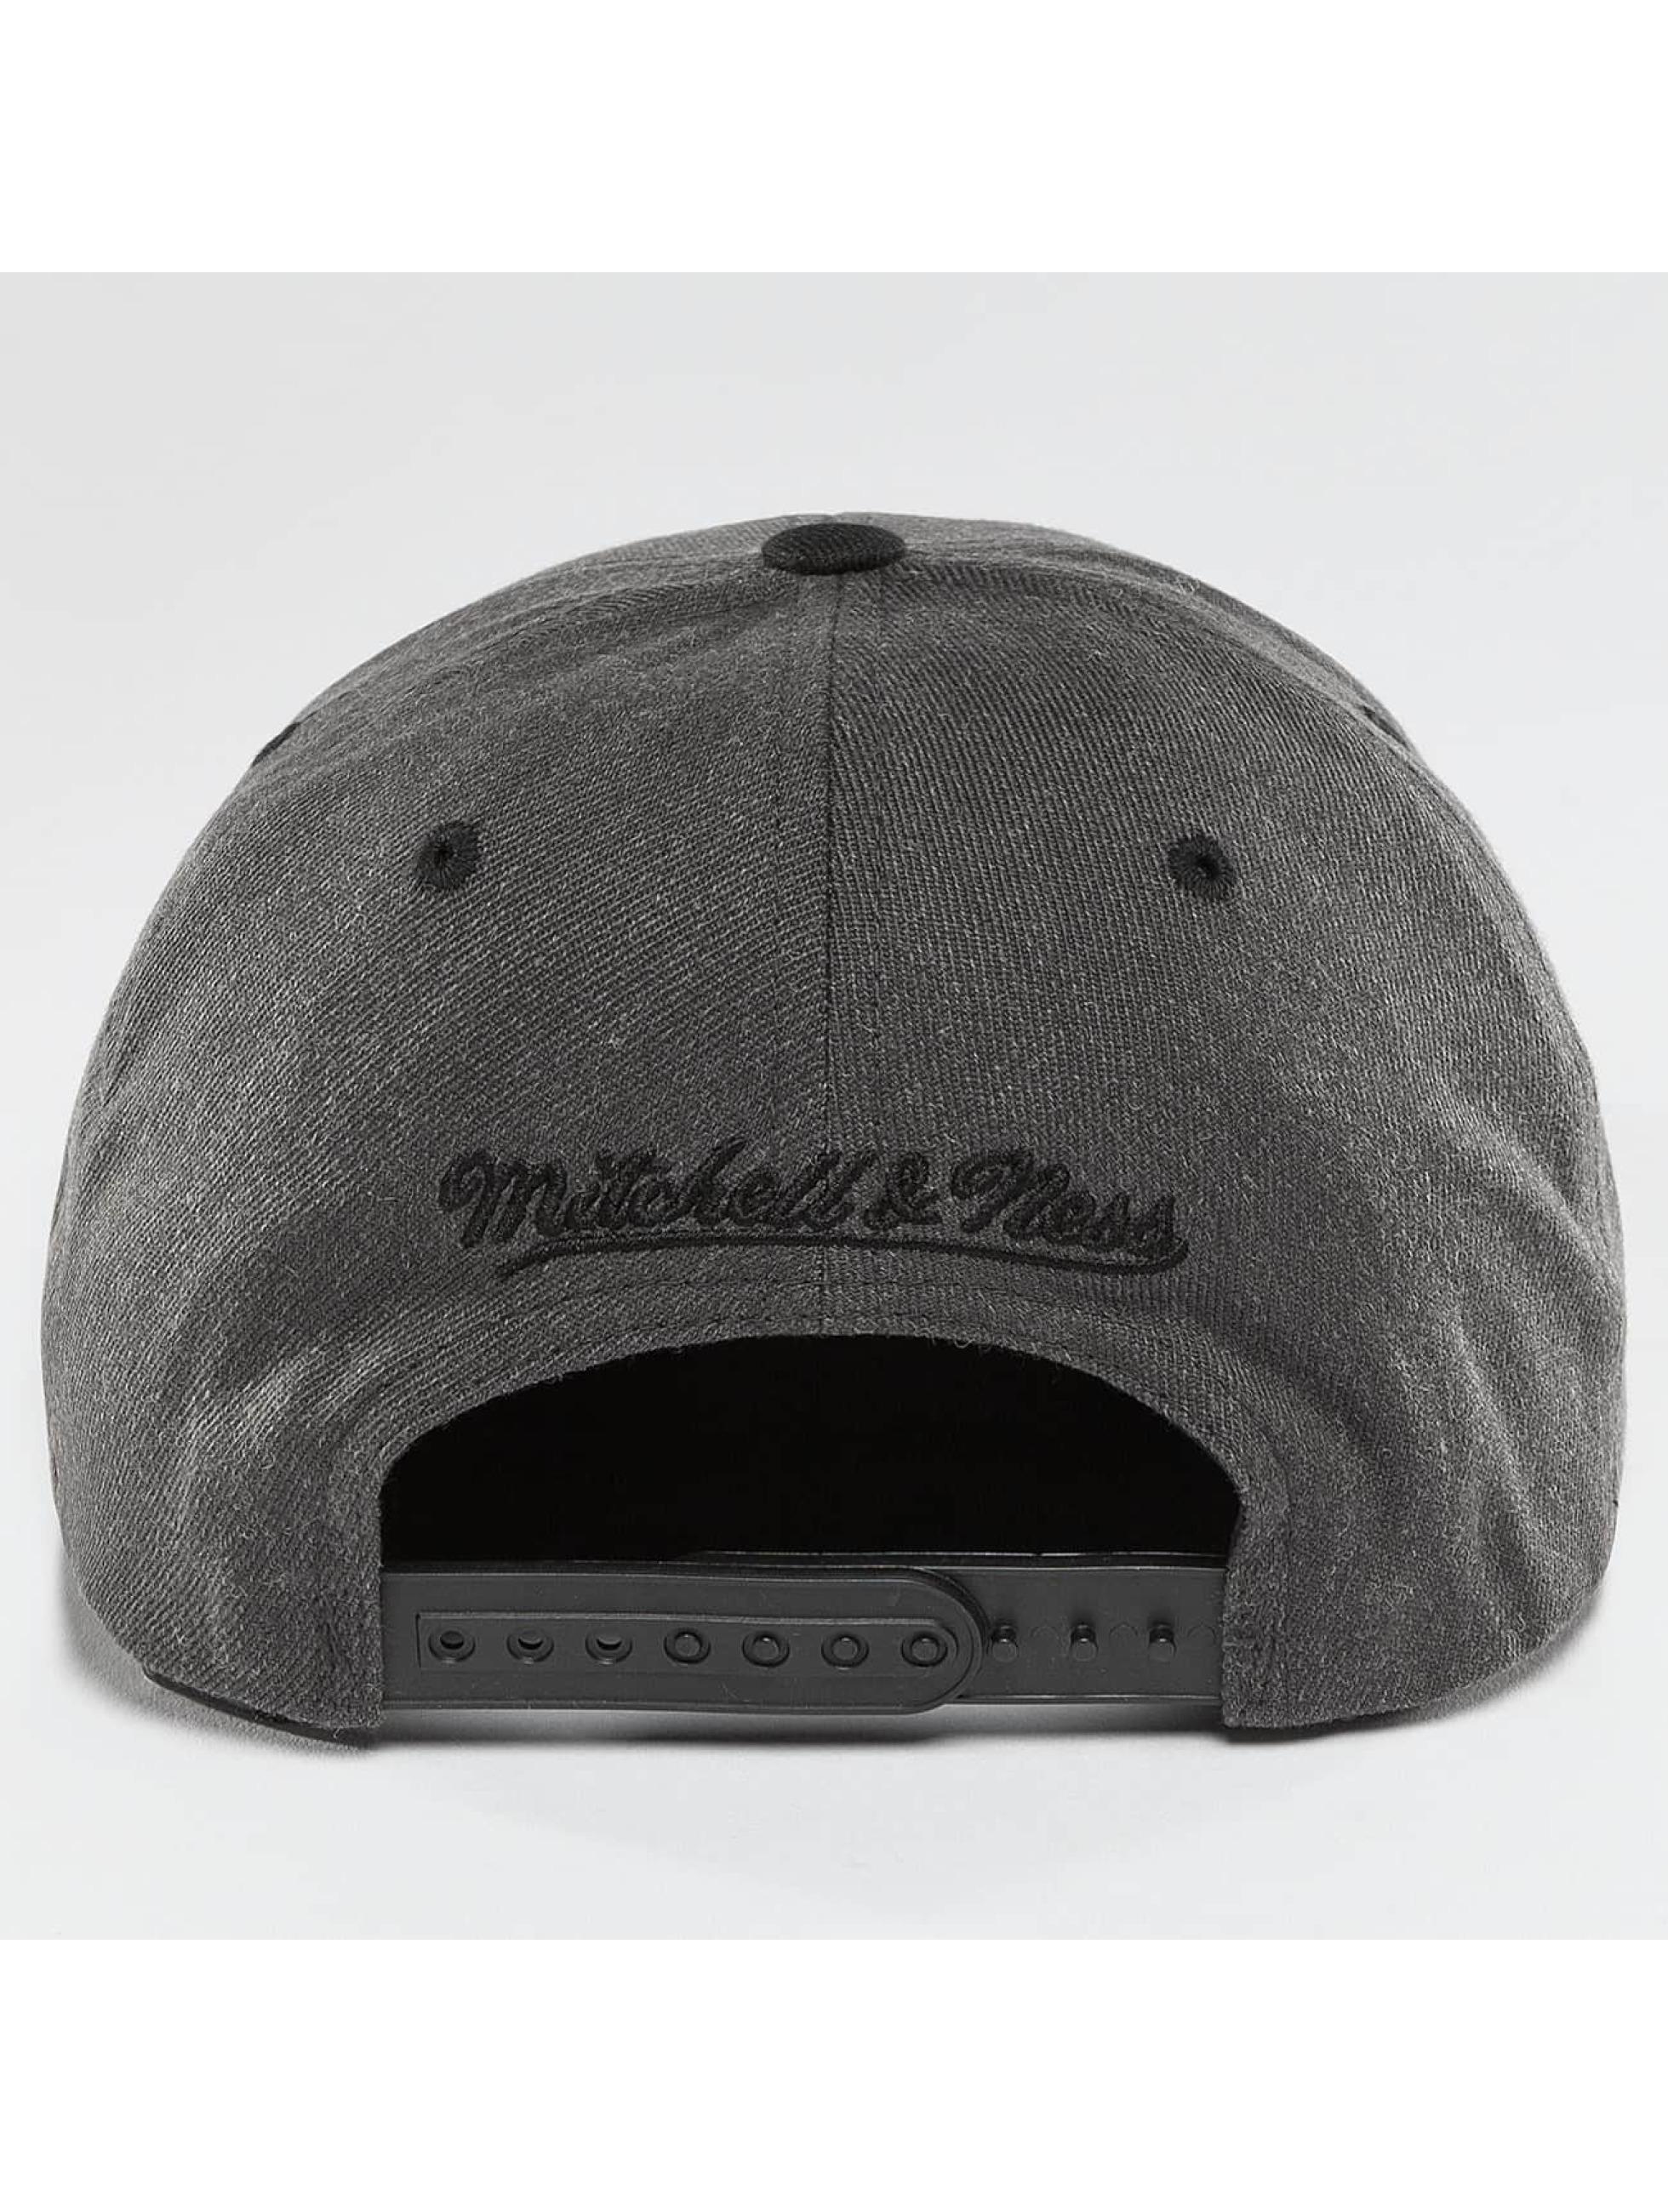 Mitchell & Ness Snapback Cap 2-Tone gray